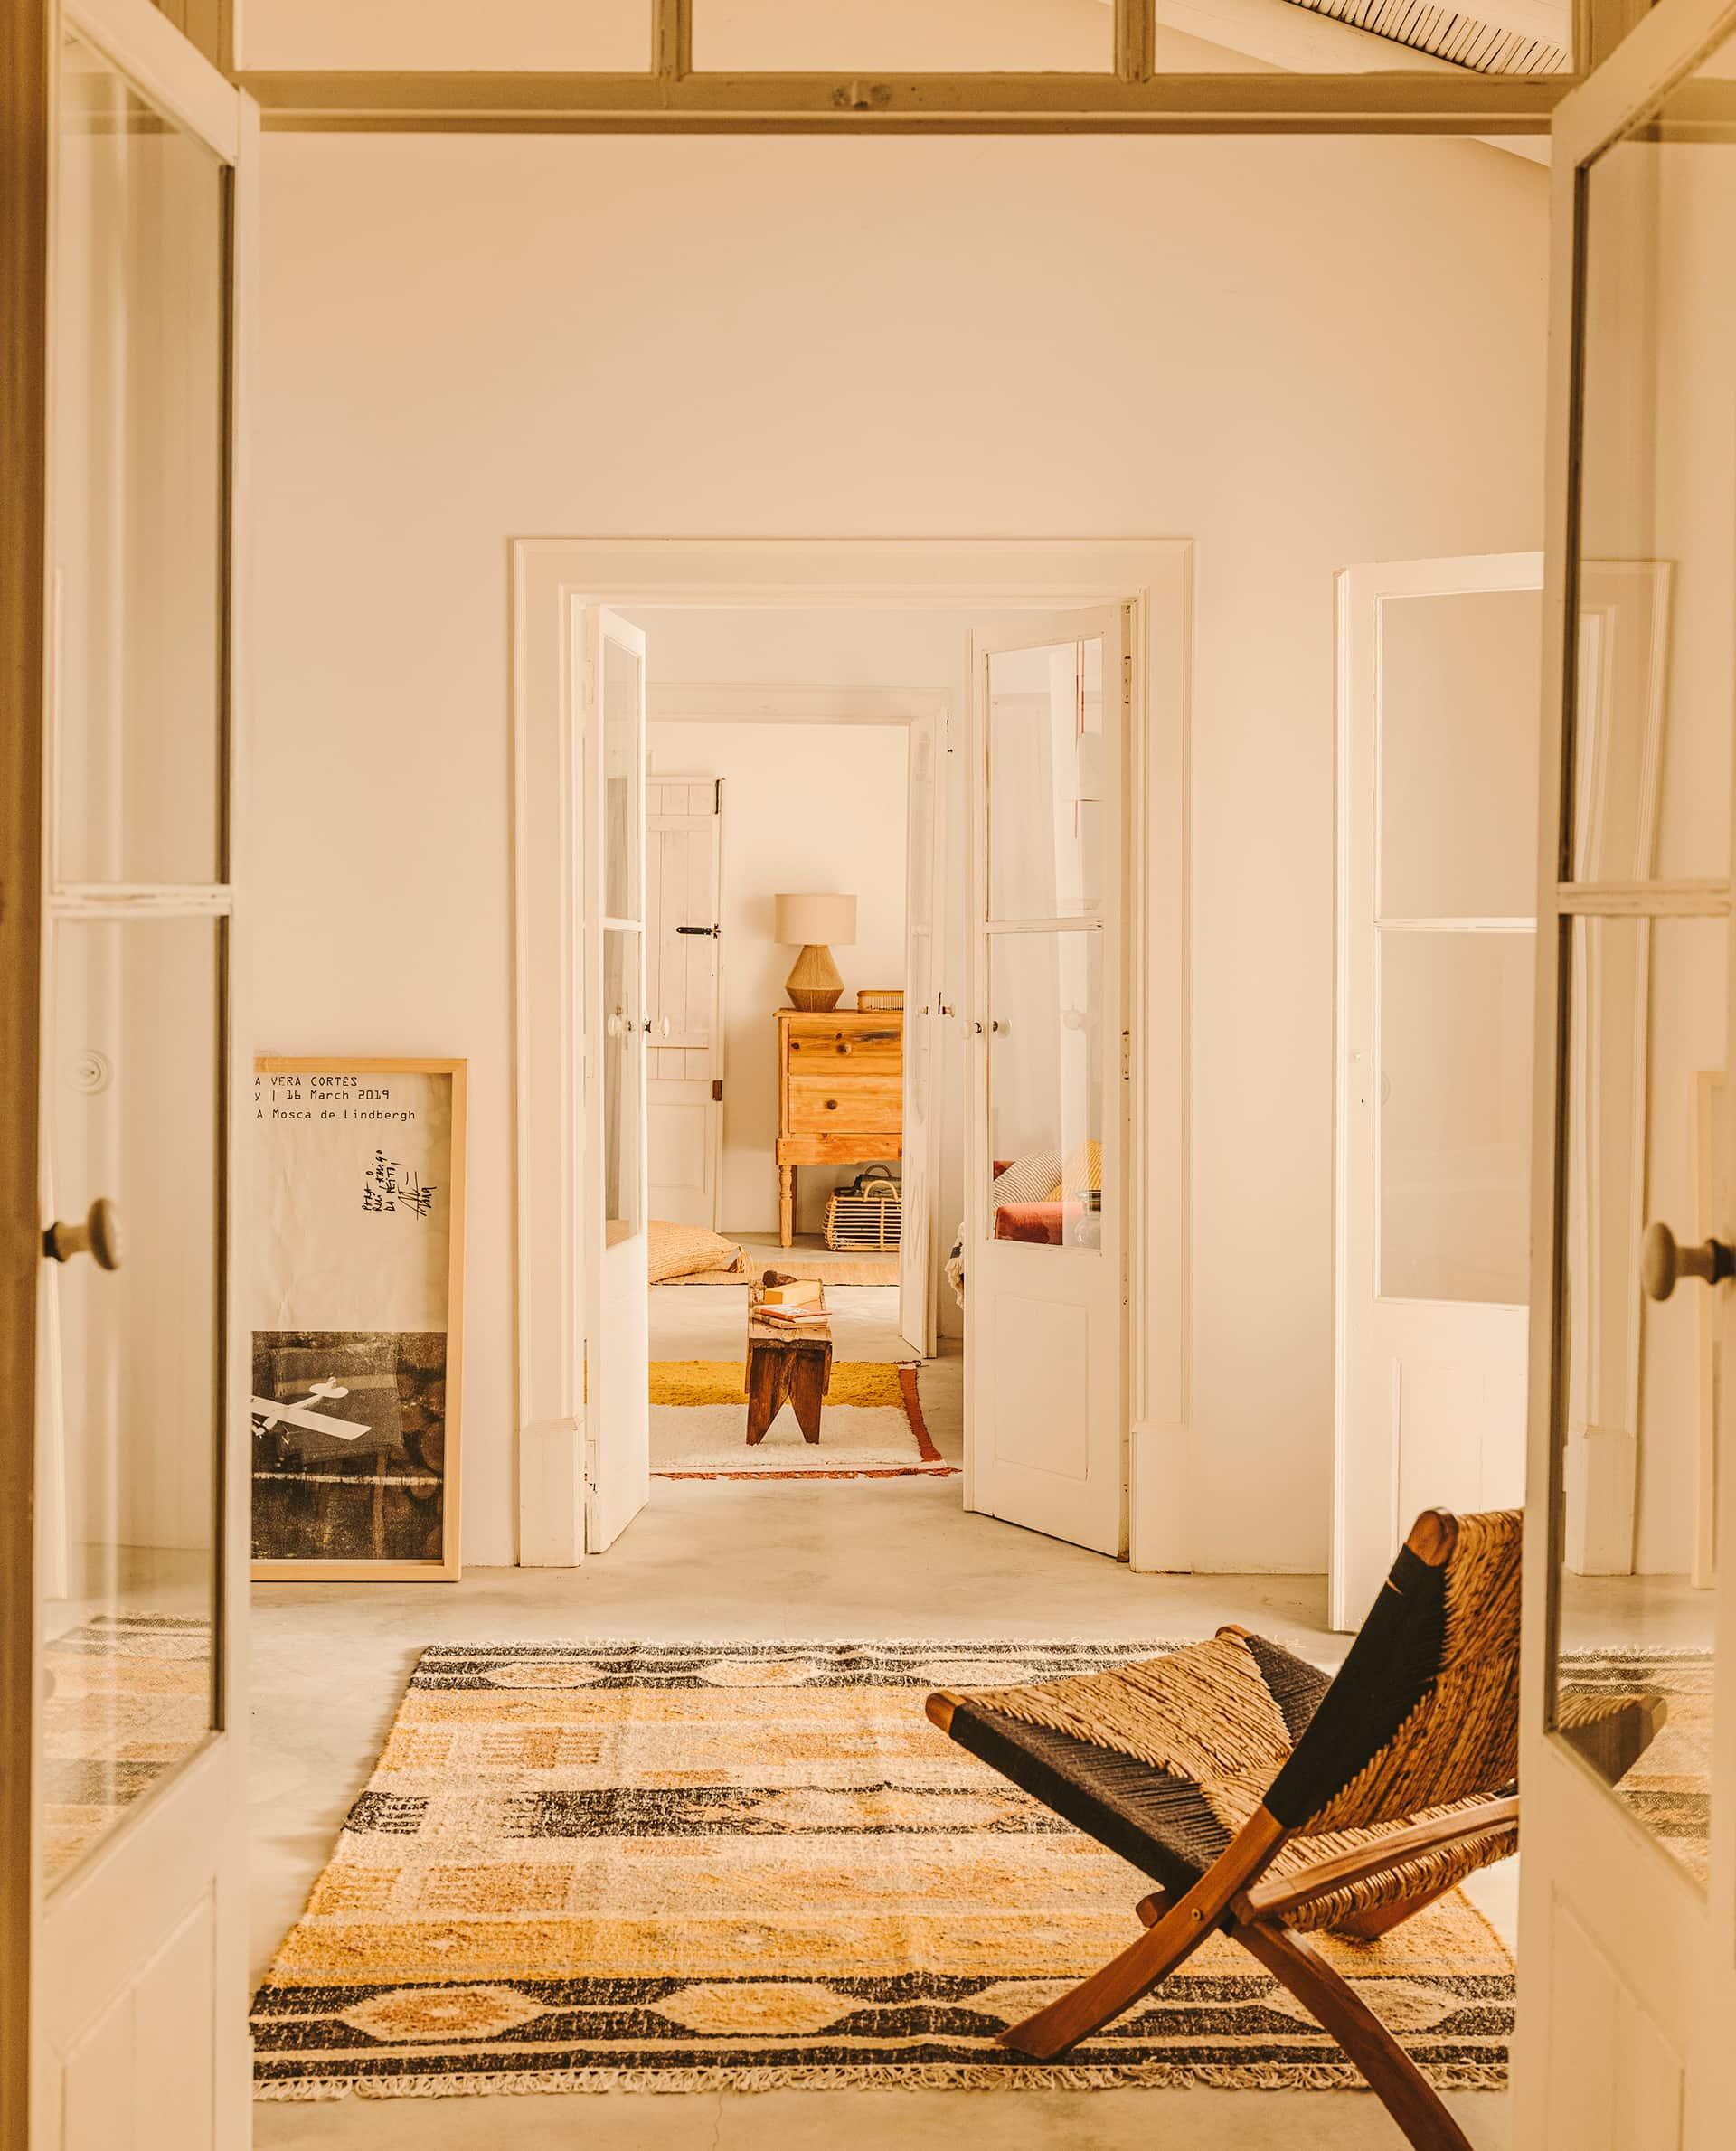 Jute rug in warm tones